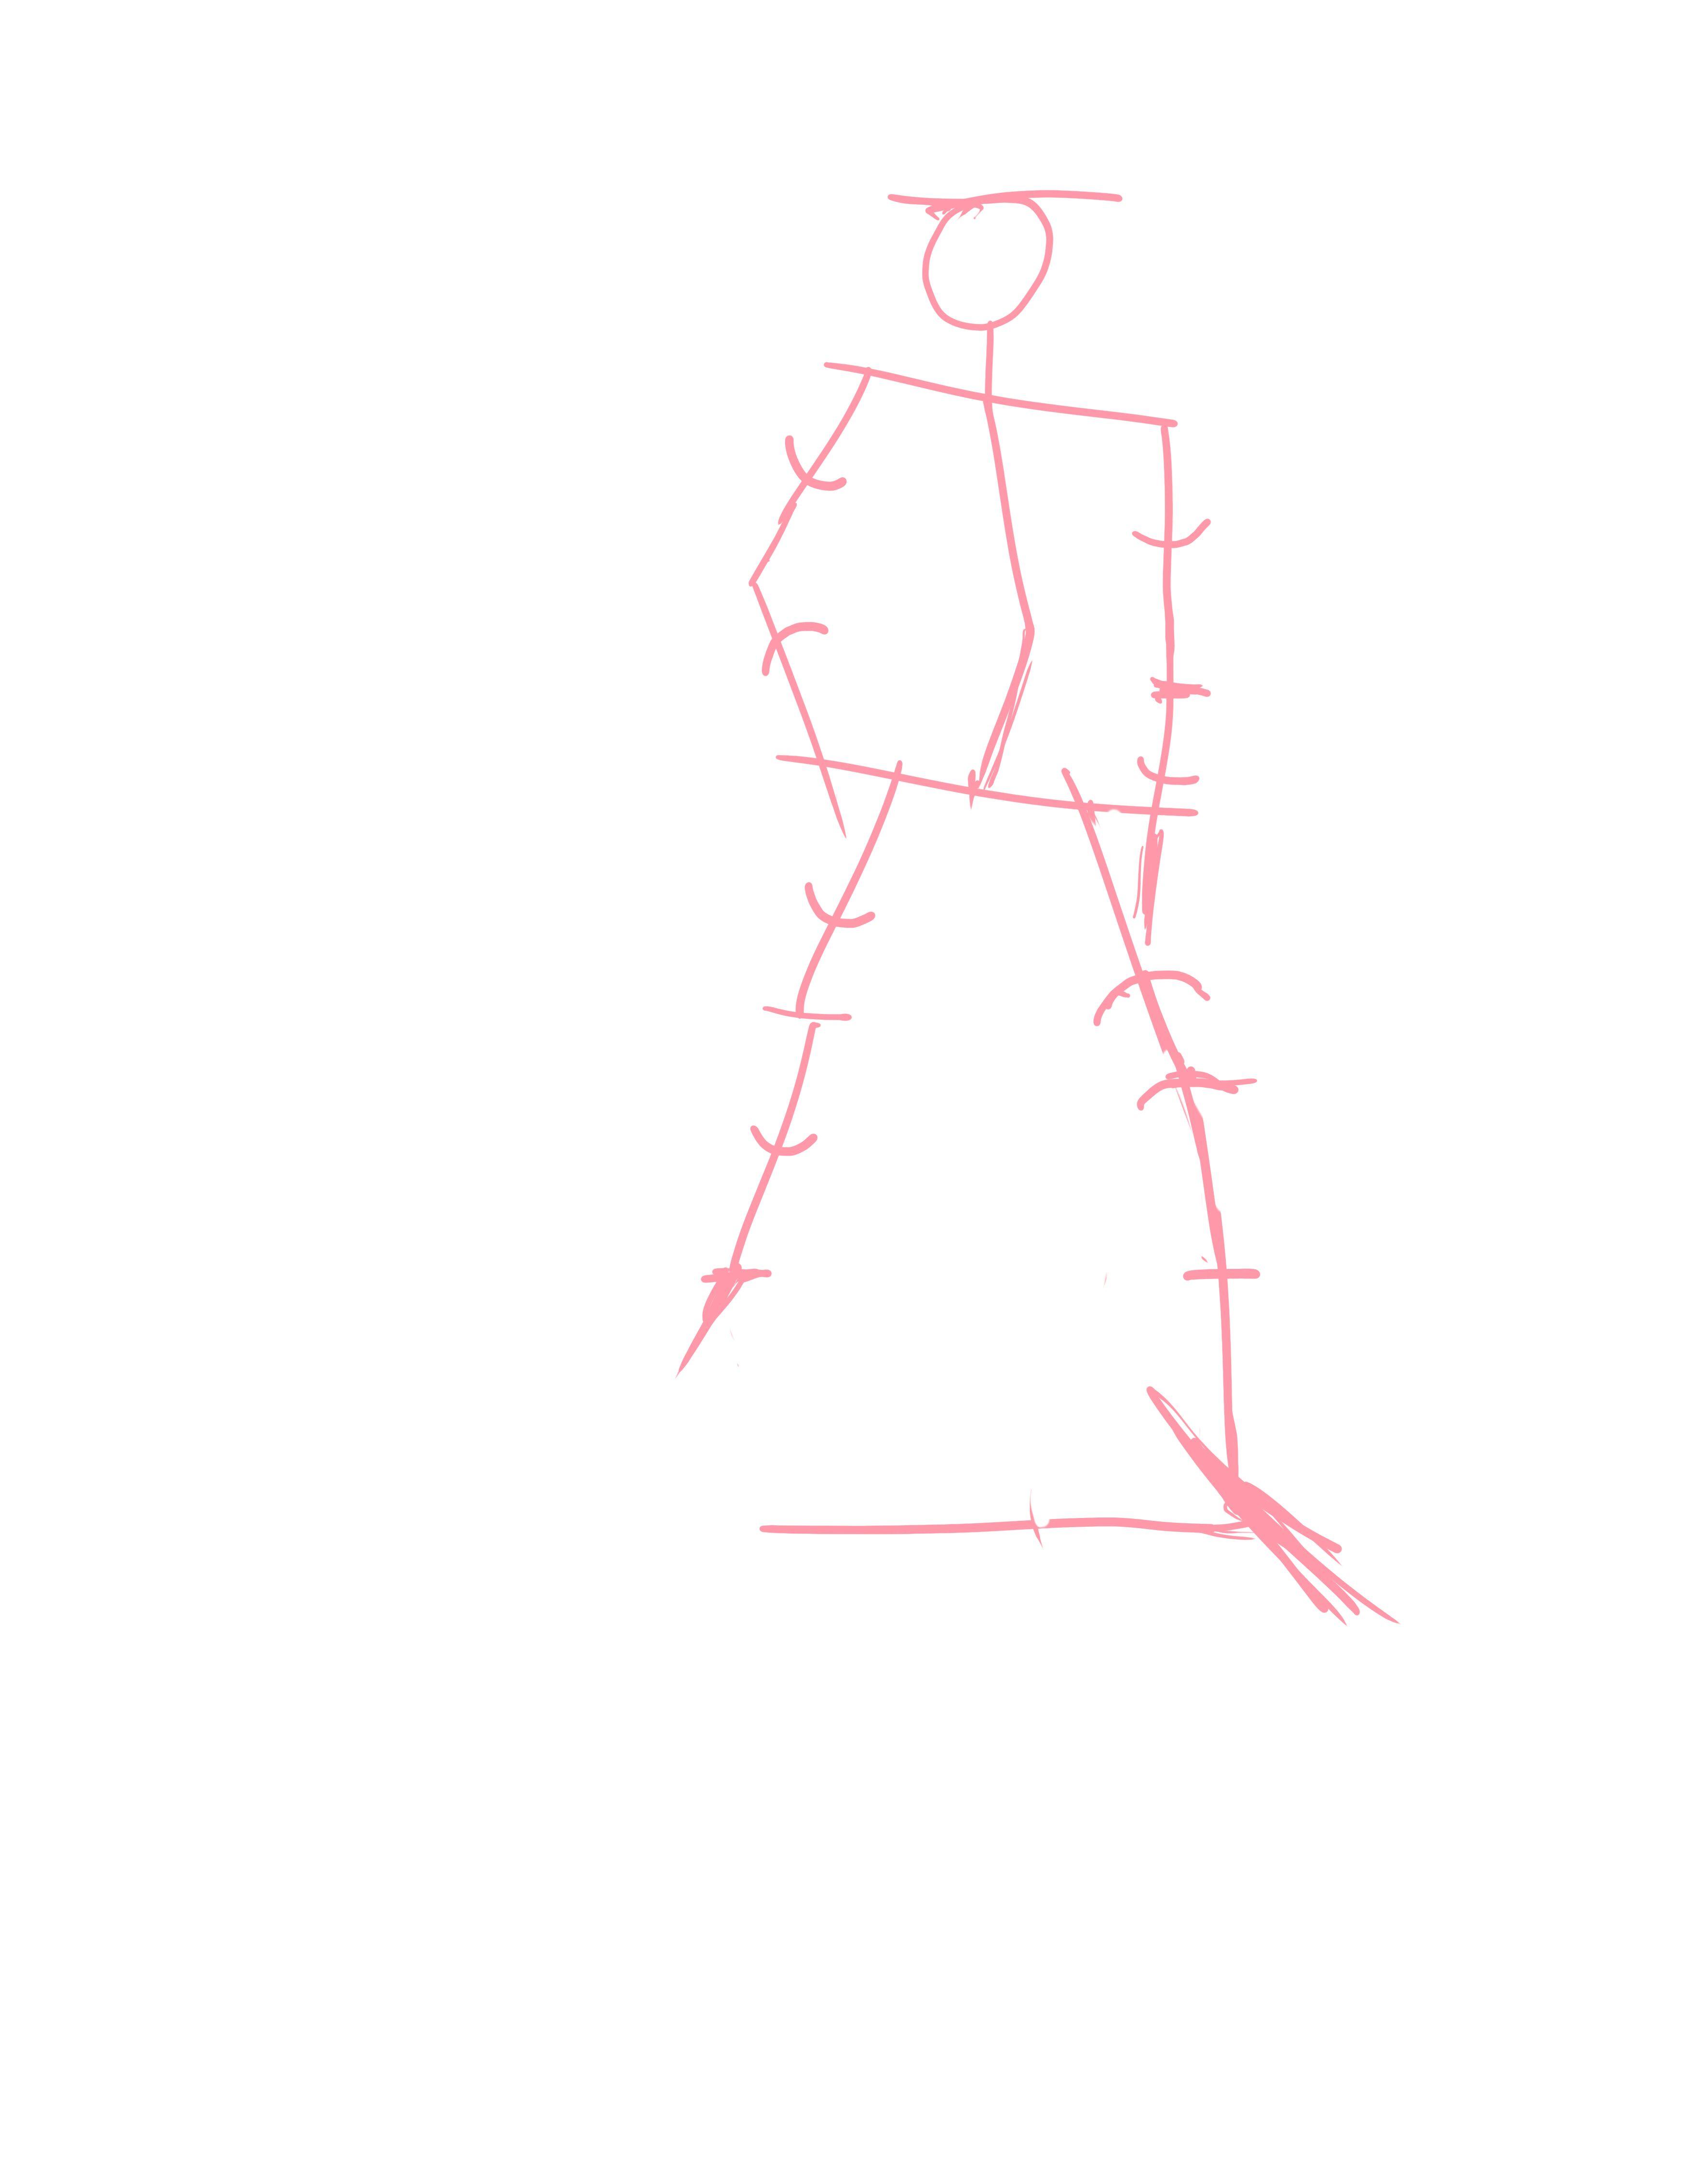 【板绘】自学绘画第五十一天(原创)(直播结束)-小柚妹站